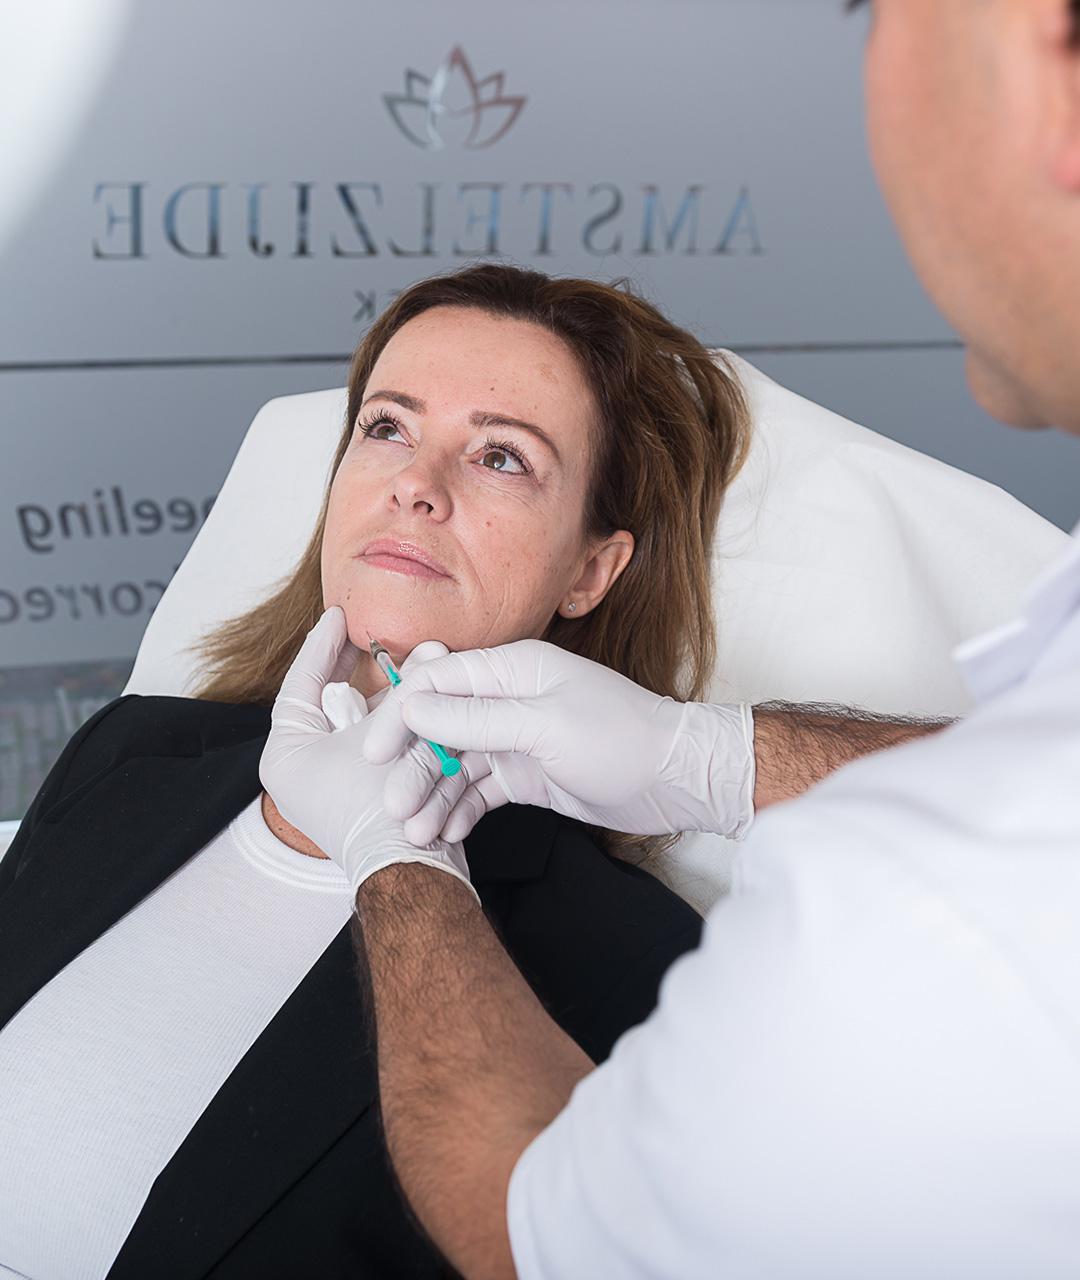 Kin behandeling botox en fillers